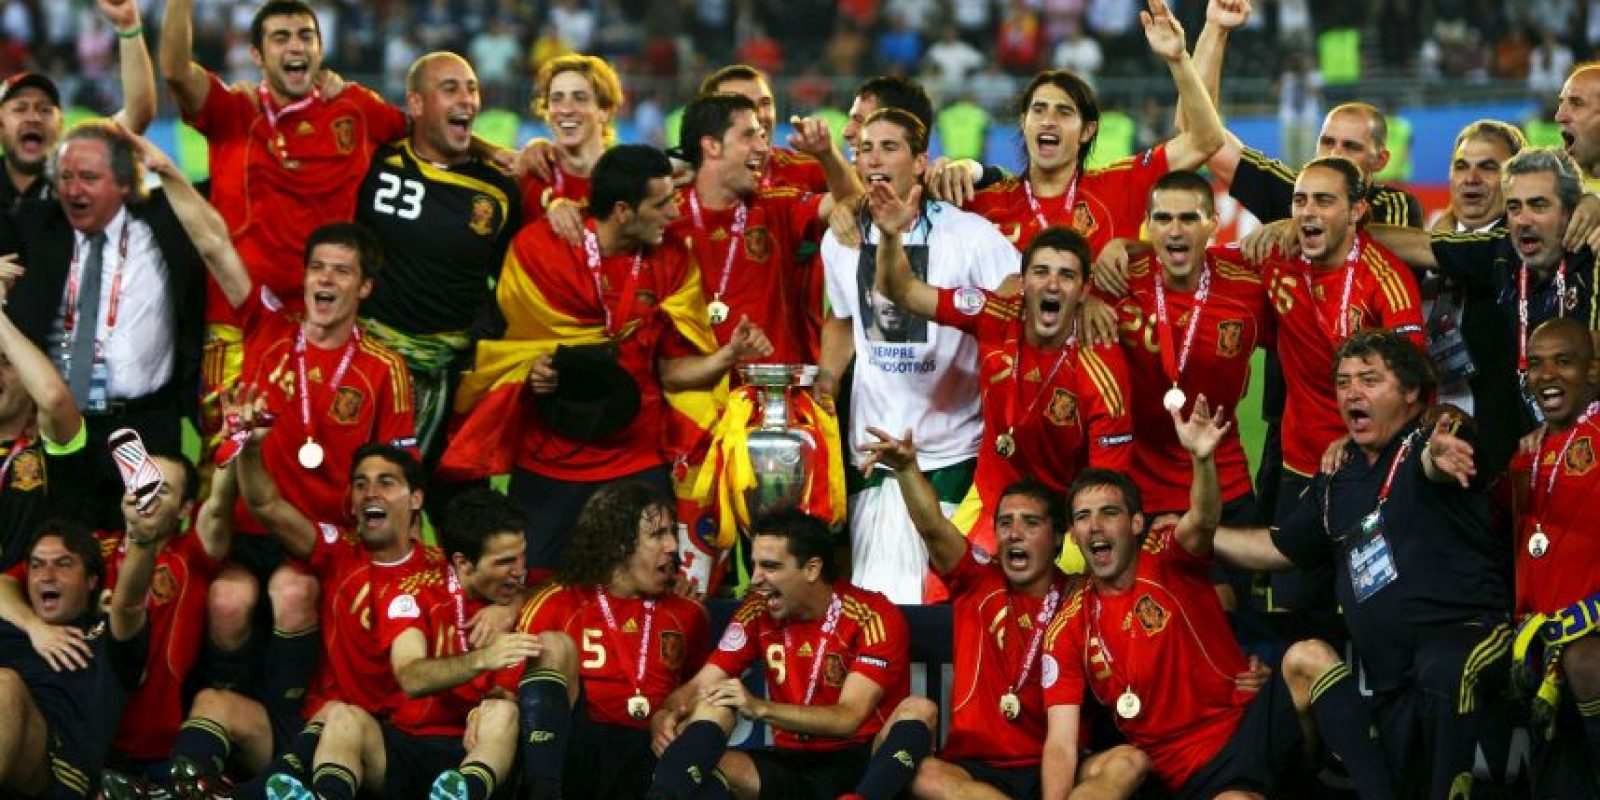 España – 3 títulos (1964, 2008, 2012) Foto:Getty Images